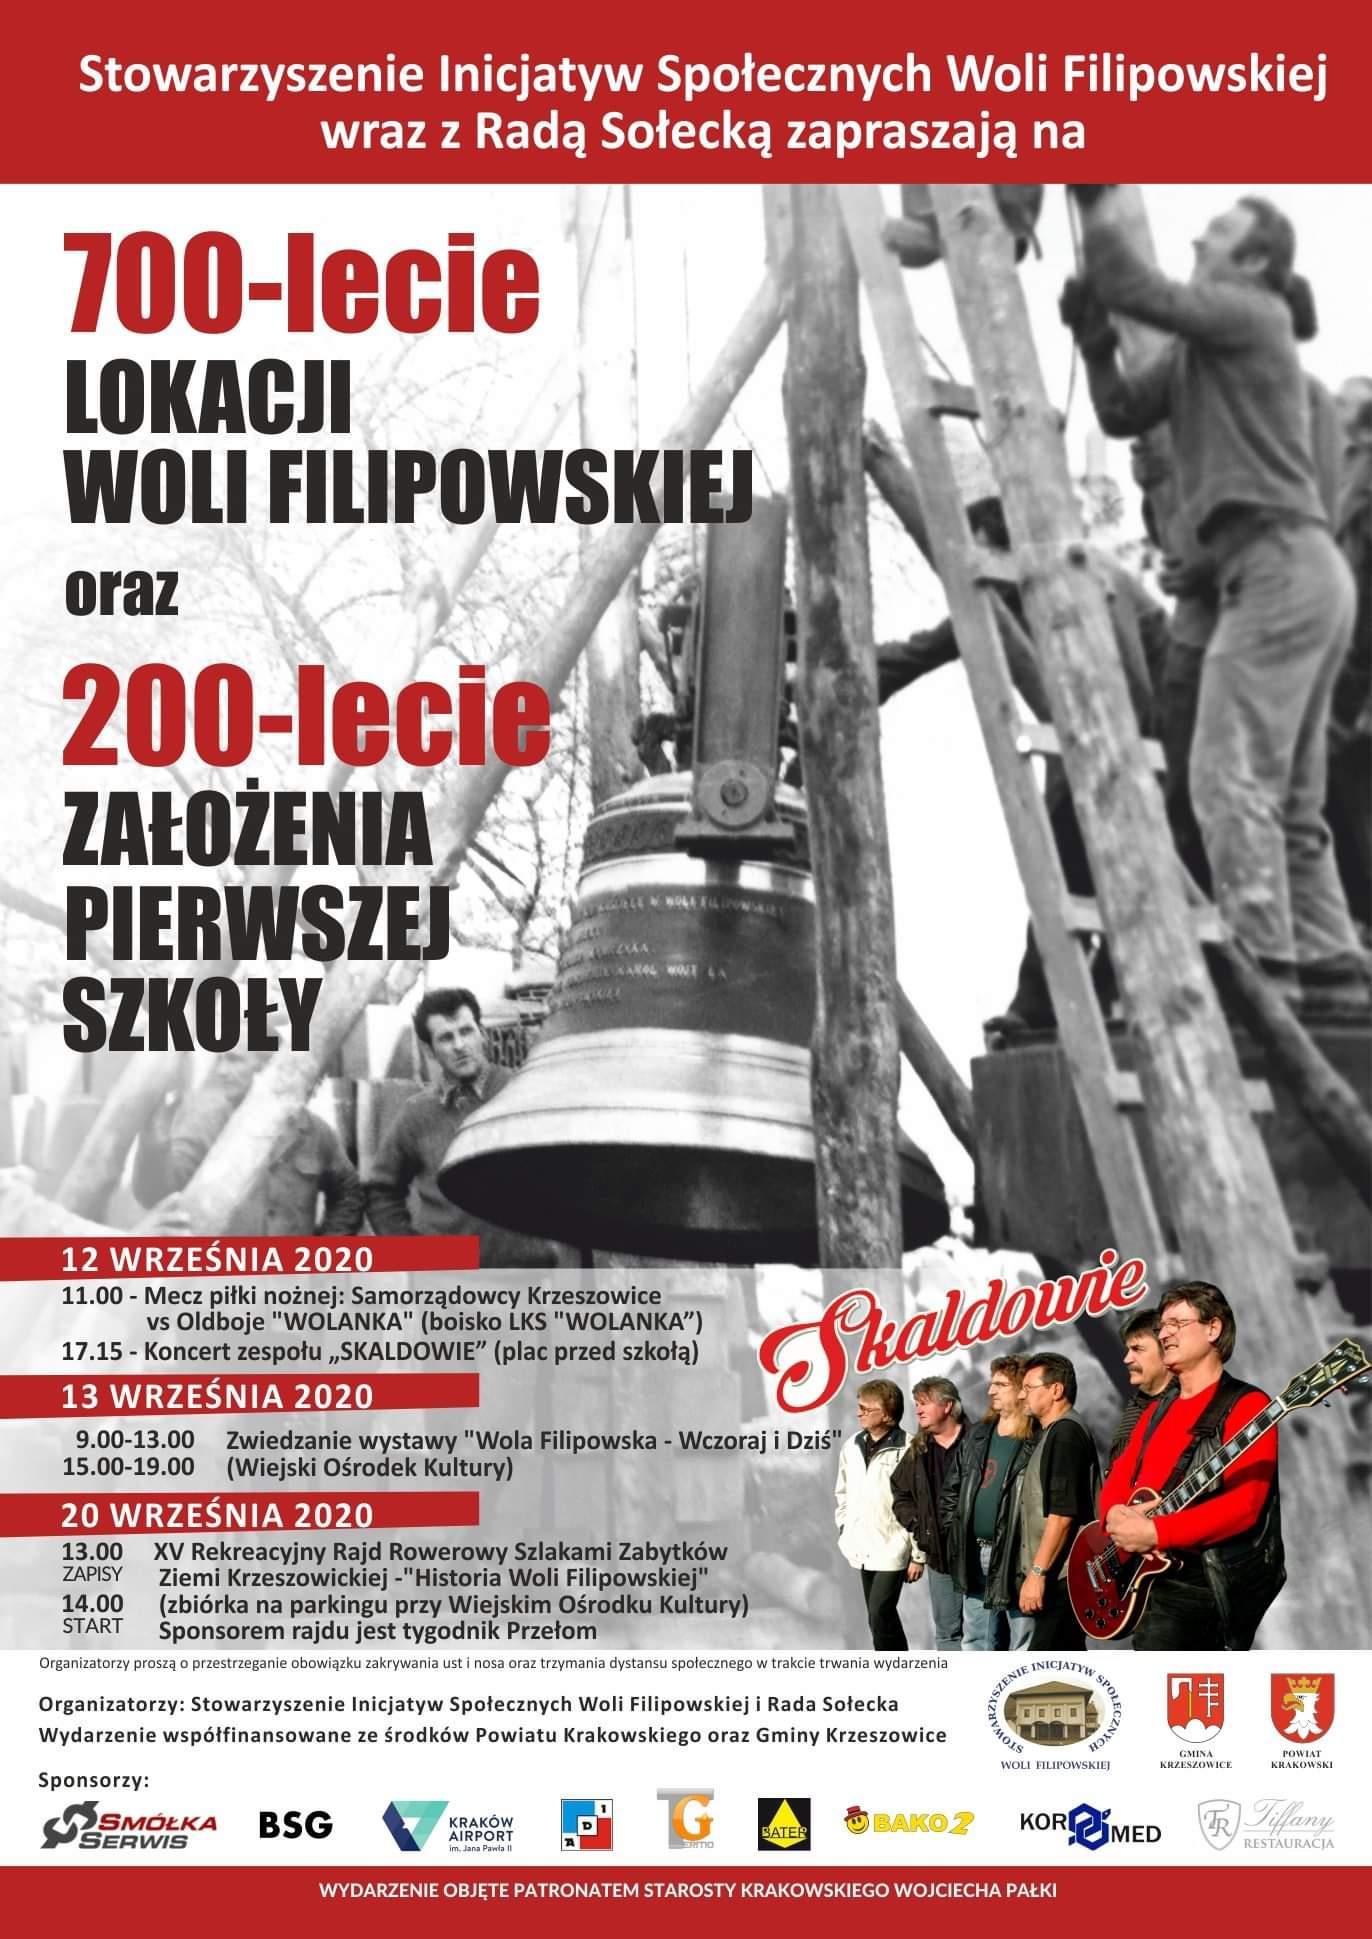 700-lecia lokacji Woli Filipowskiej oraz 200-lecia założenia pierwszej szkoły @ Wola Filipowska | Małopolskie | Polska